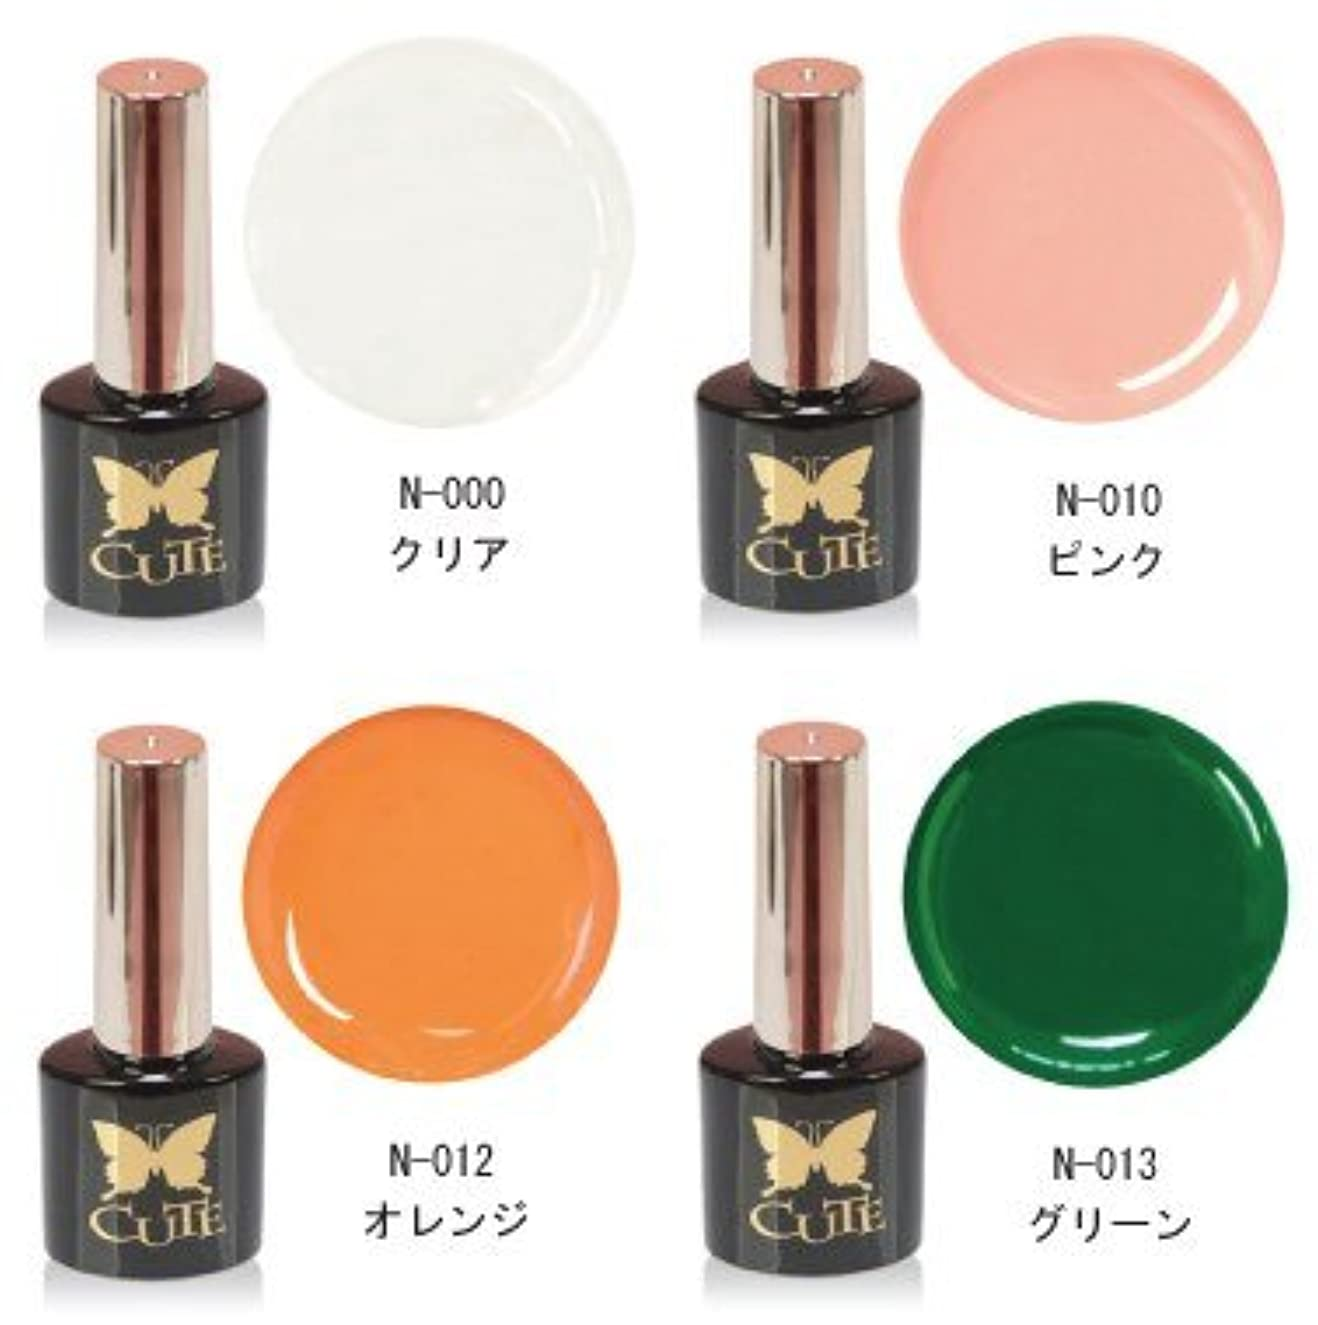 ジョブ劣る速いキュートラクジェル4色セットD   オレンジ、グリーン、ピンクの3色とクリアがセットに カラーを混ぜれば中間色も実現 1本ずつ購入するよりもお得にゲット